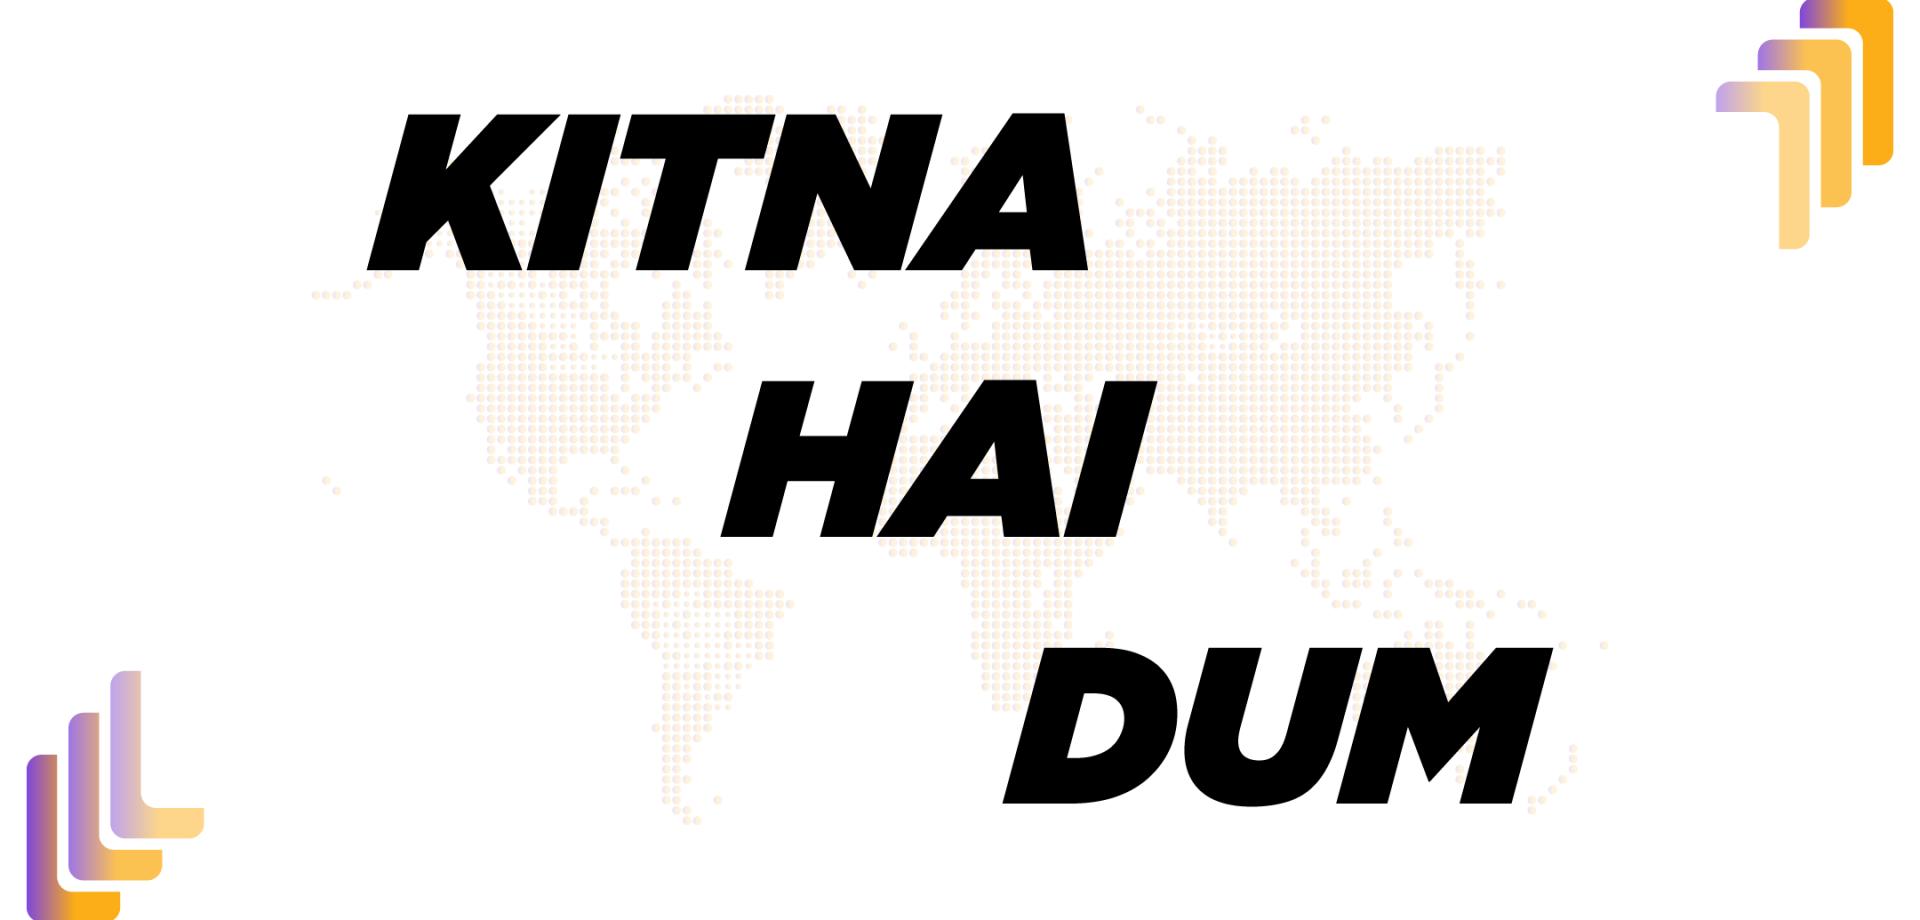 Kitna Hai Dum image